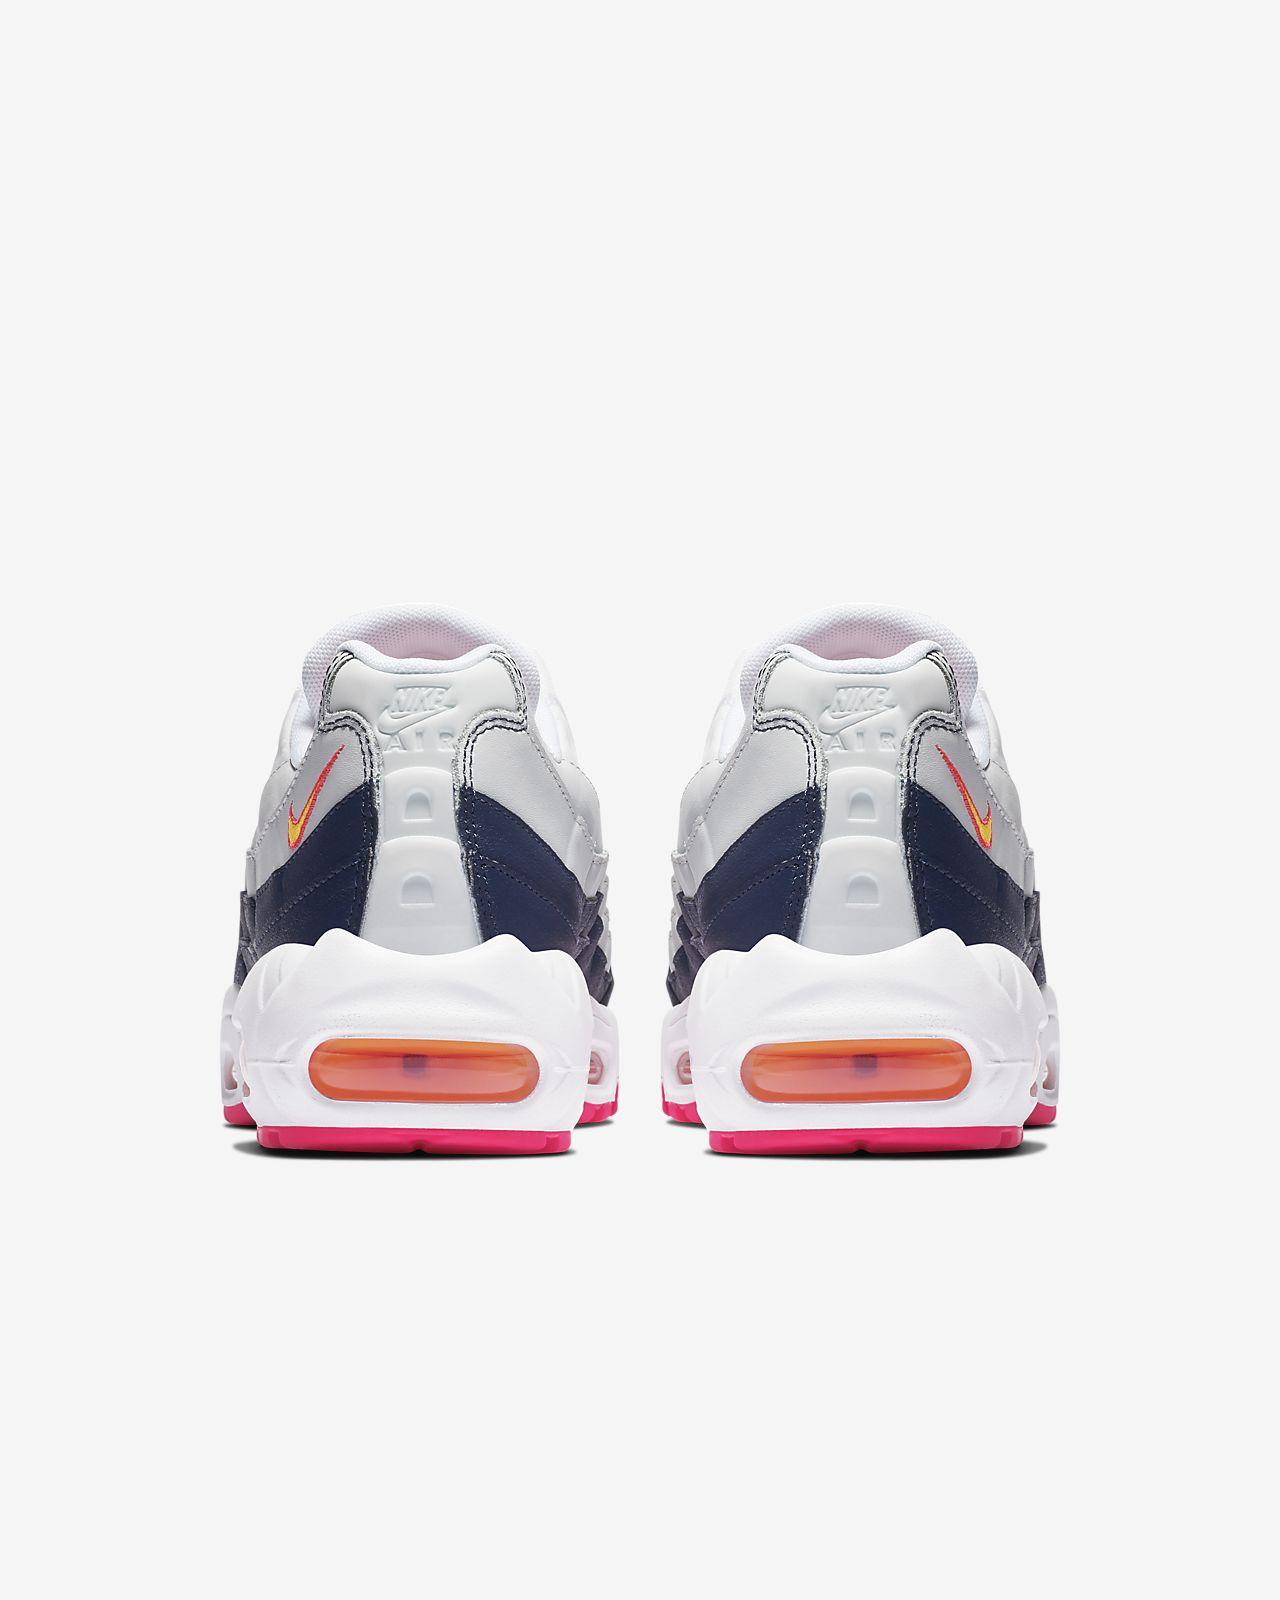 hot sale online 39471 64cb7 ... Sko Nike Air Max 95 Premium för kvinnor